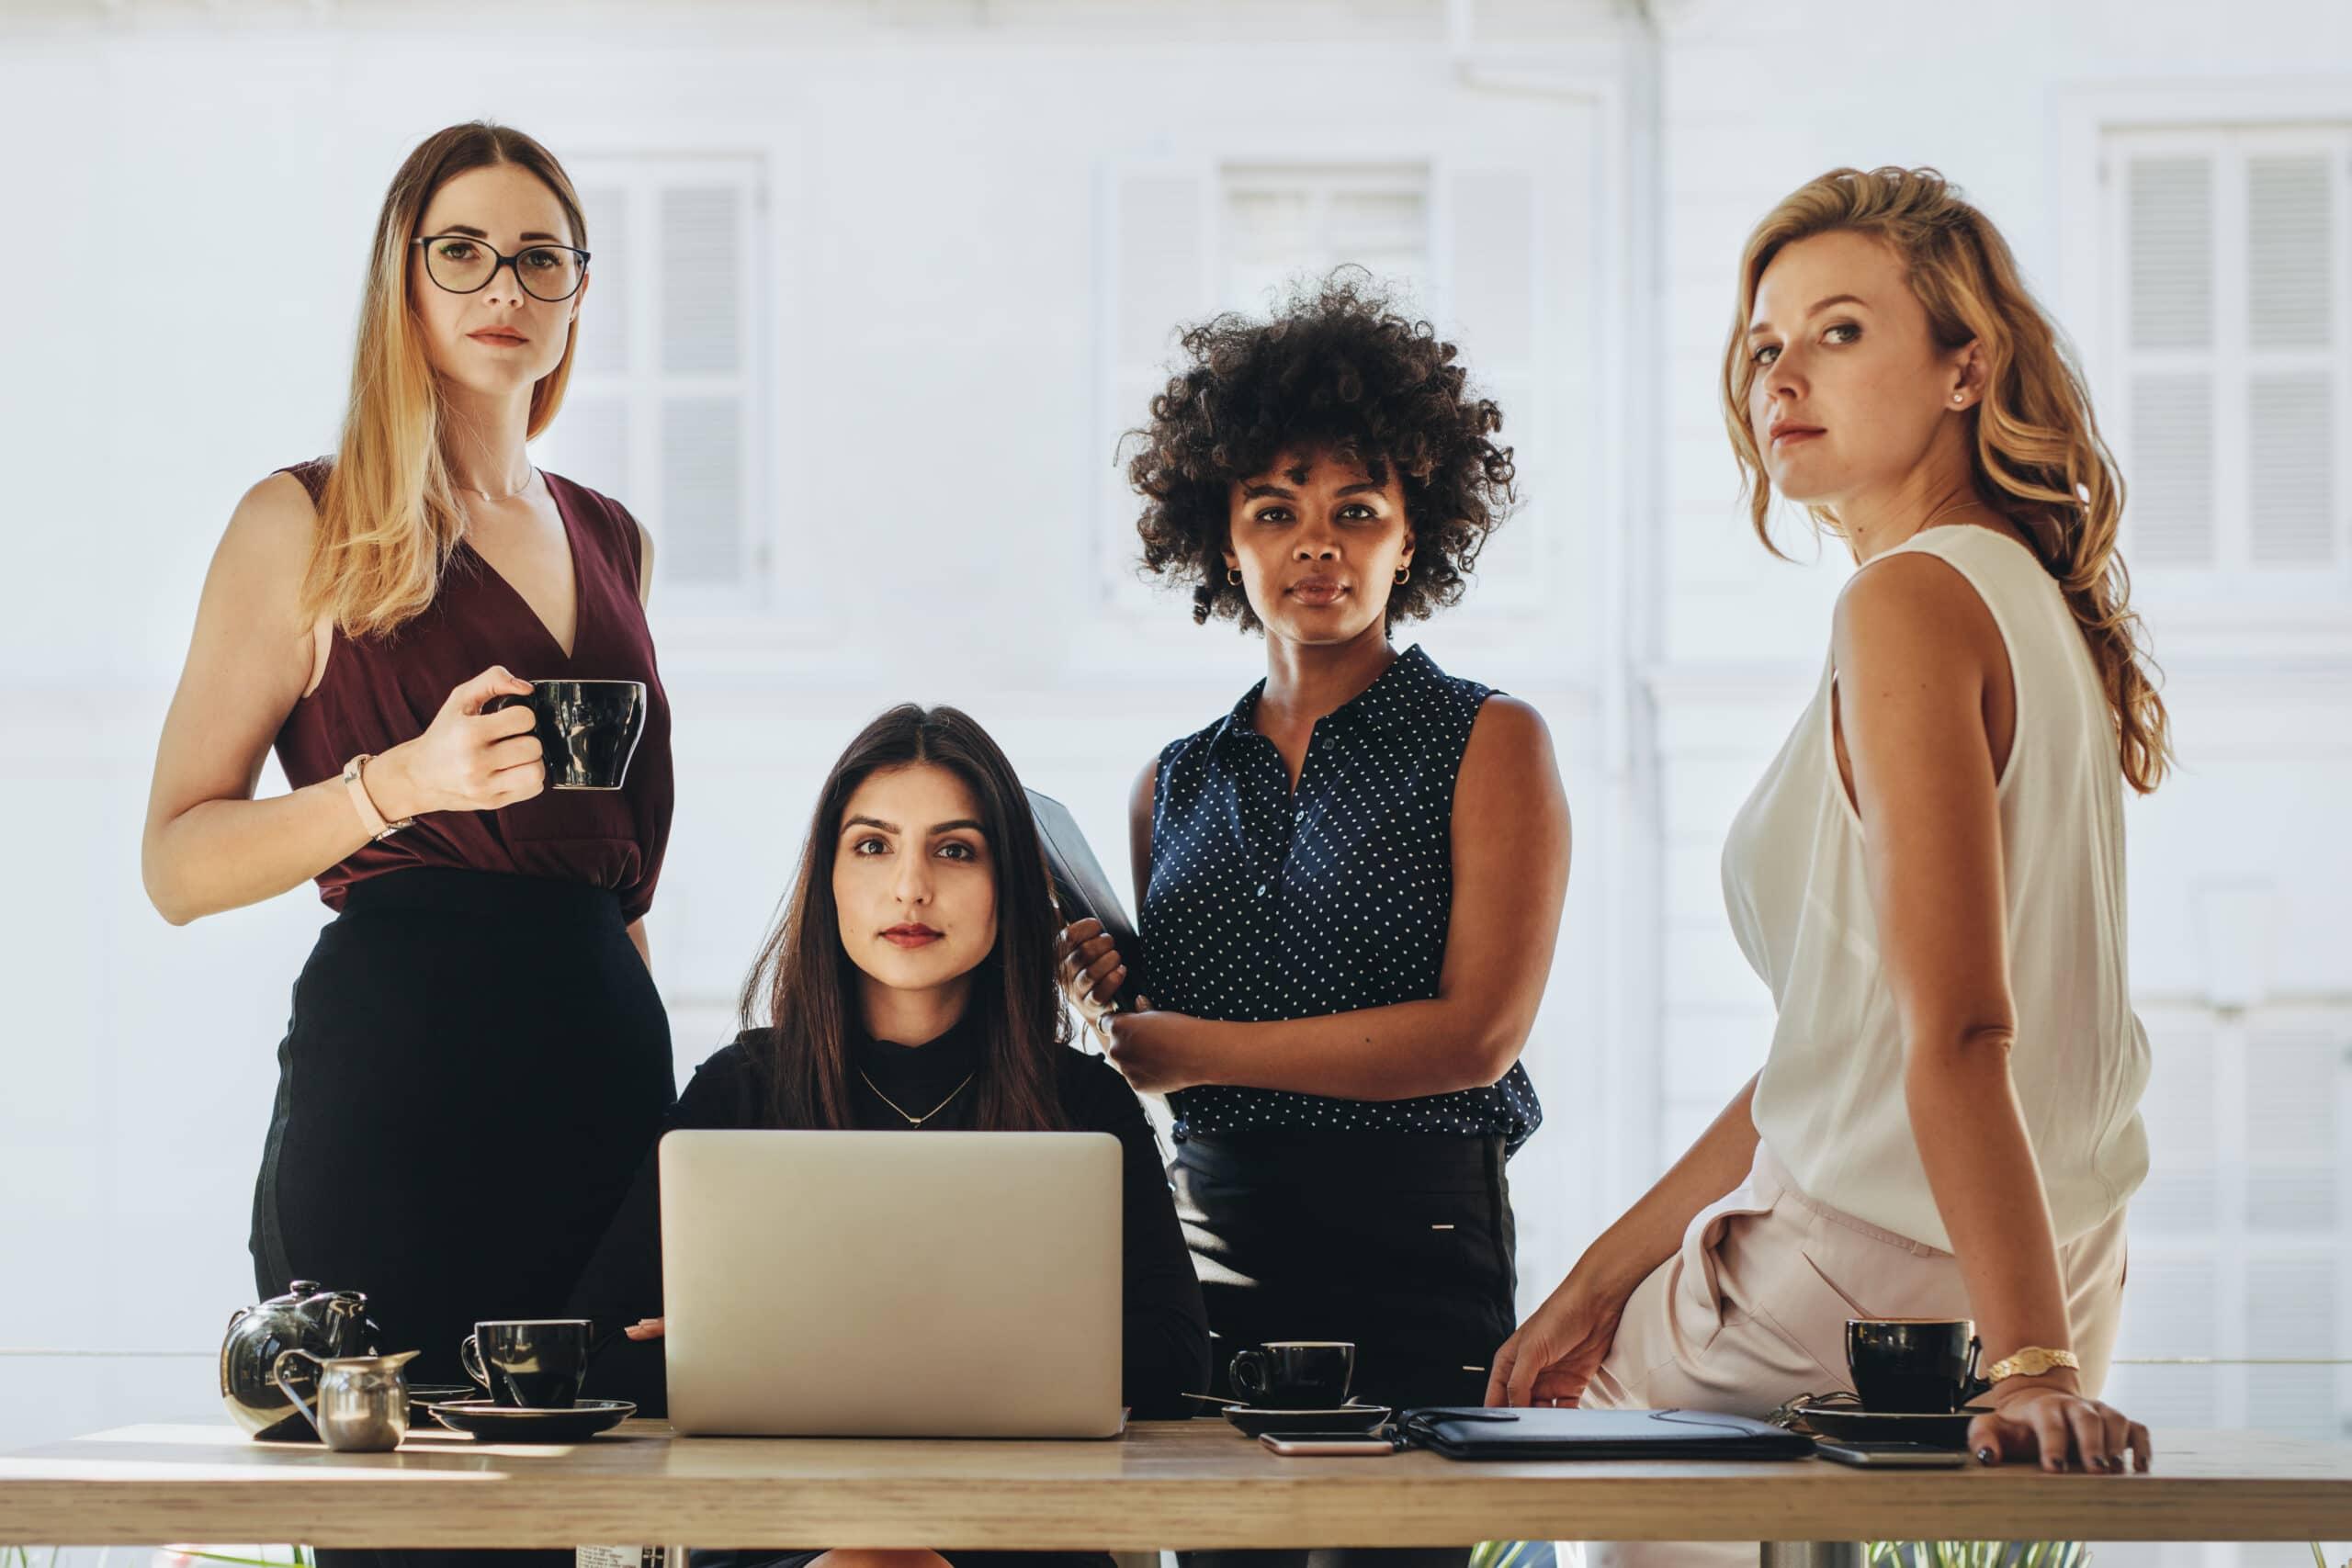 Naistenviikko: Emilia Kullas. Naiset startupin johdossa.